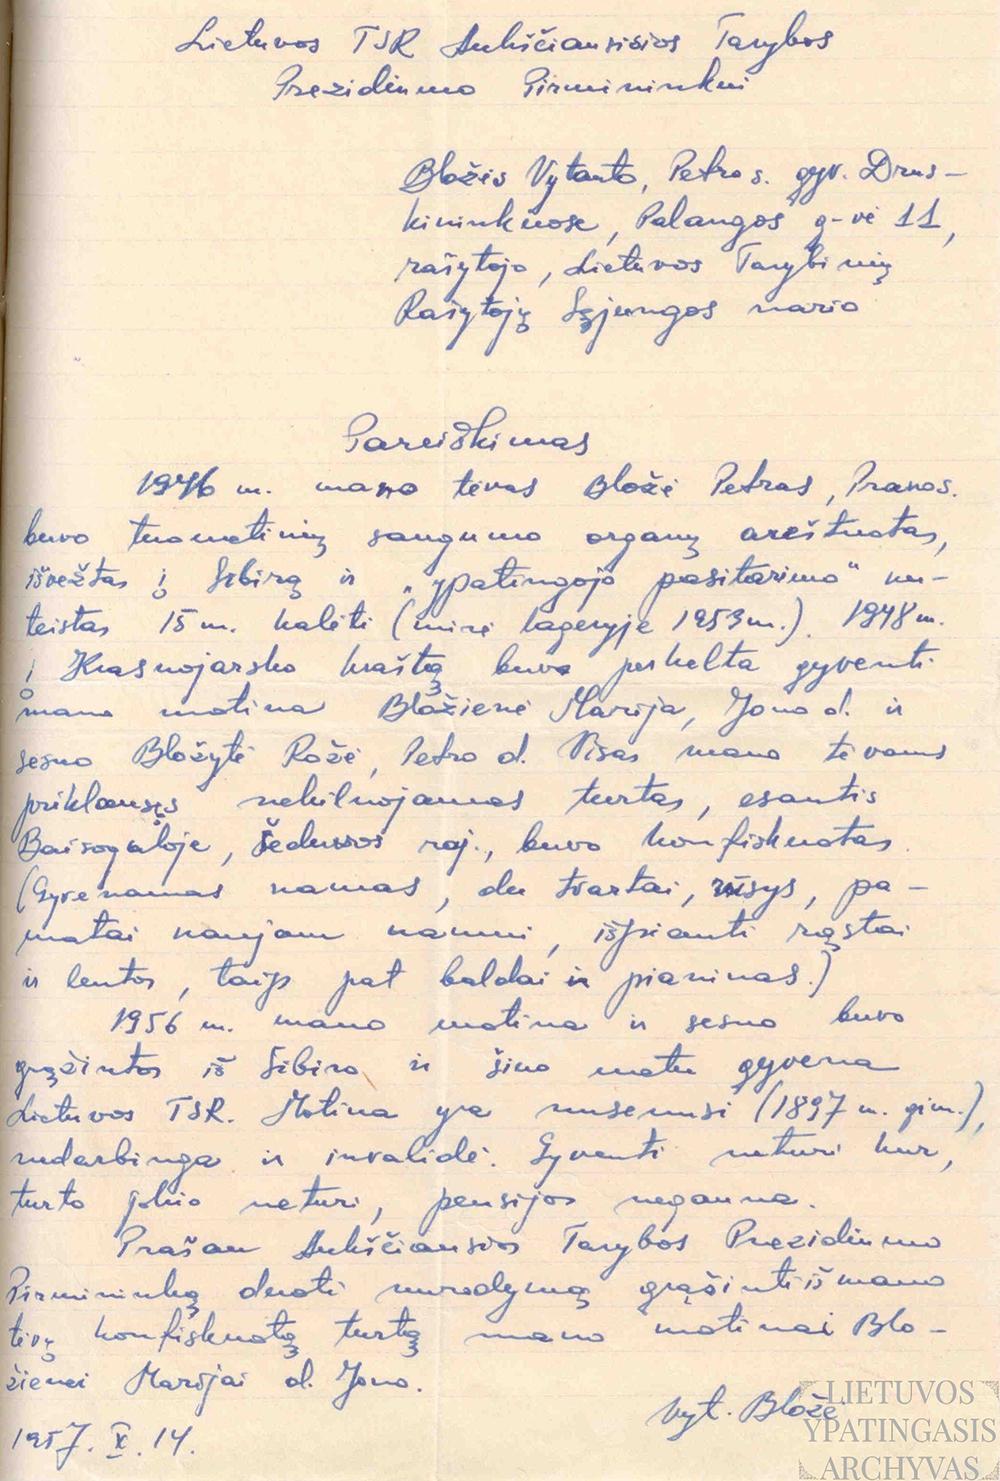 Vytauto Bložės 1957 m. spalio 14 d. pareiškimas LSSR Aukščiausiosios Tarybos Prezidiumo pirmininkui dėl konfiskuoto turto grąžinimo iš tremties sugrįžusiai motinai. Lietuvos ypatingasis archyvas, f. K-1, ap. 58, b. Nr. 3364/3, l. 66.